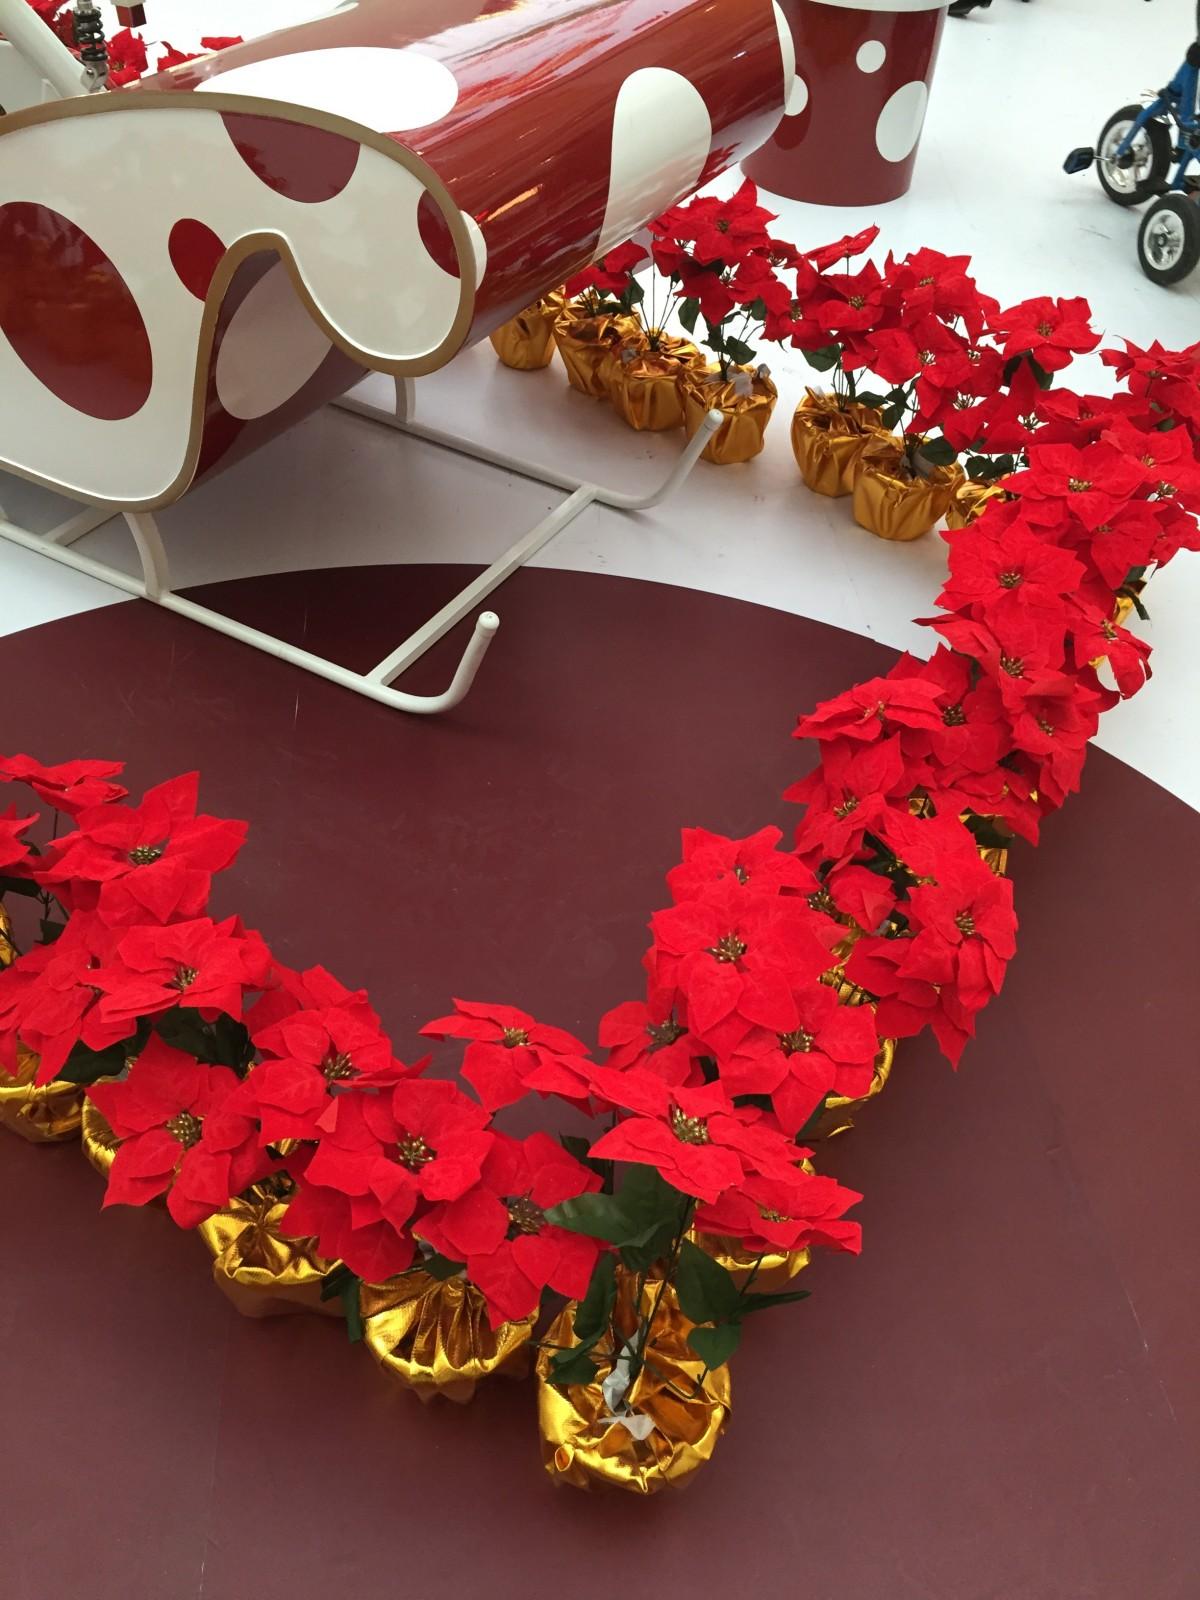 Gratis afbeeldingen bloem mysterie herfst kerstmis vergrootglas kerst decoratie sieraden - Mode decoratie ...